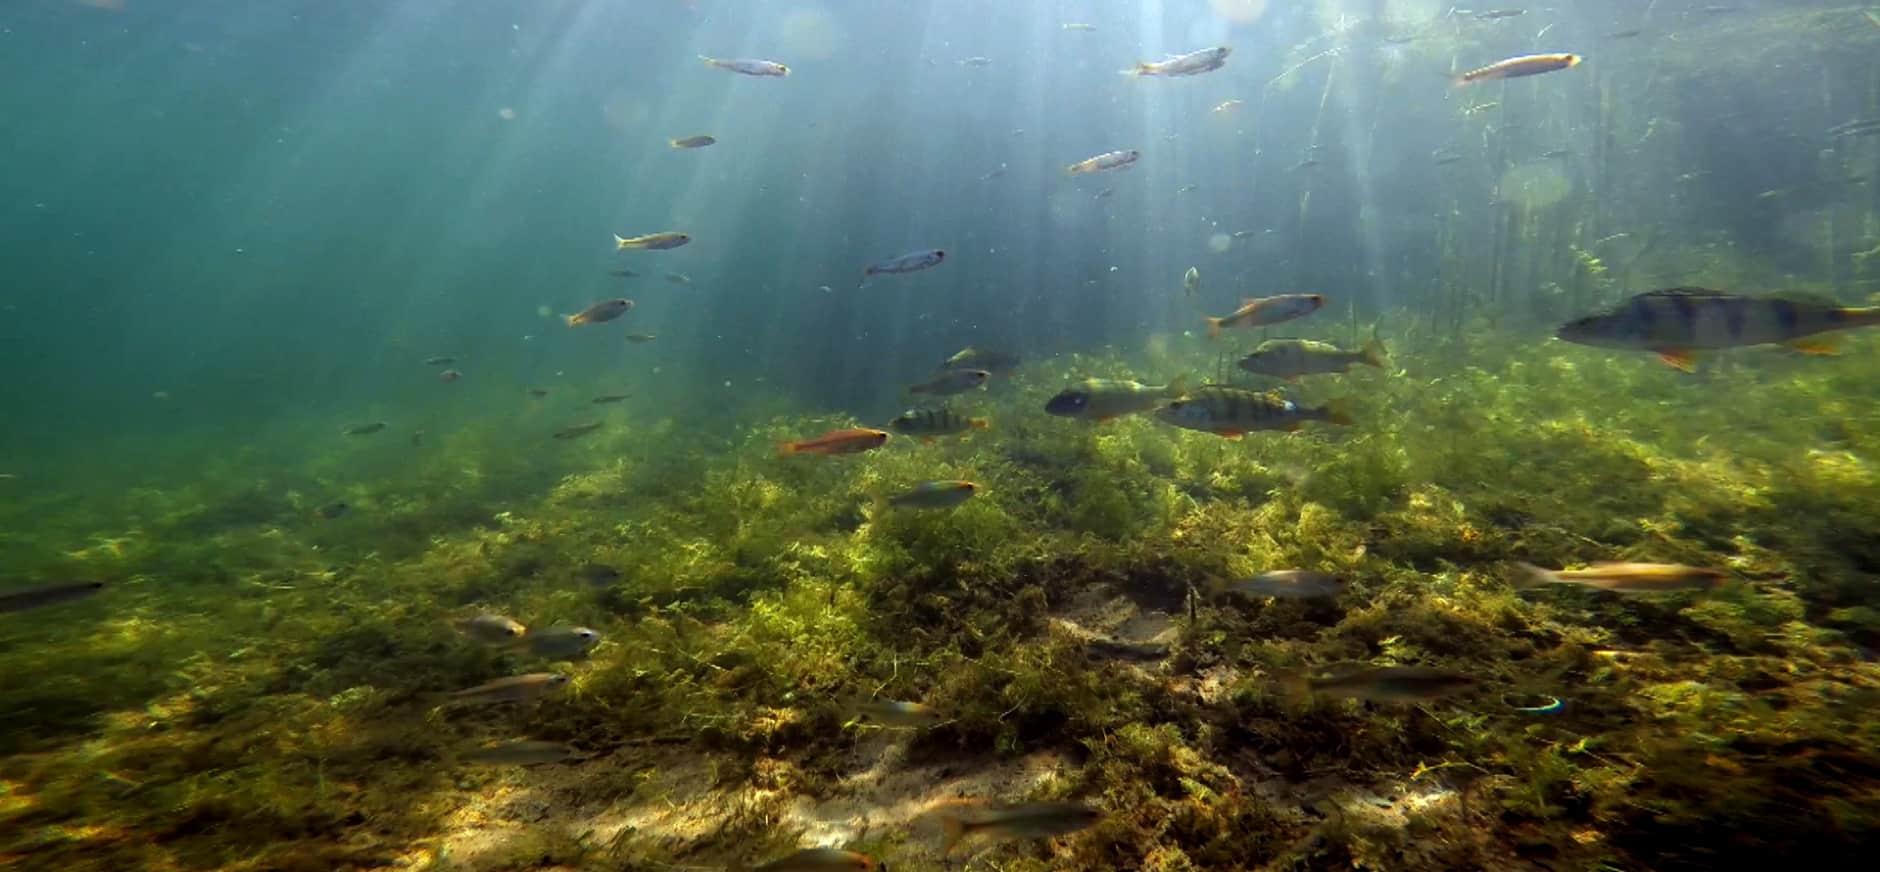 Verrassende Nederlandse onderwaternatuur in 'Wildernis onder water'